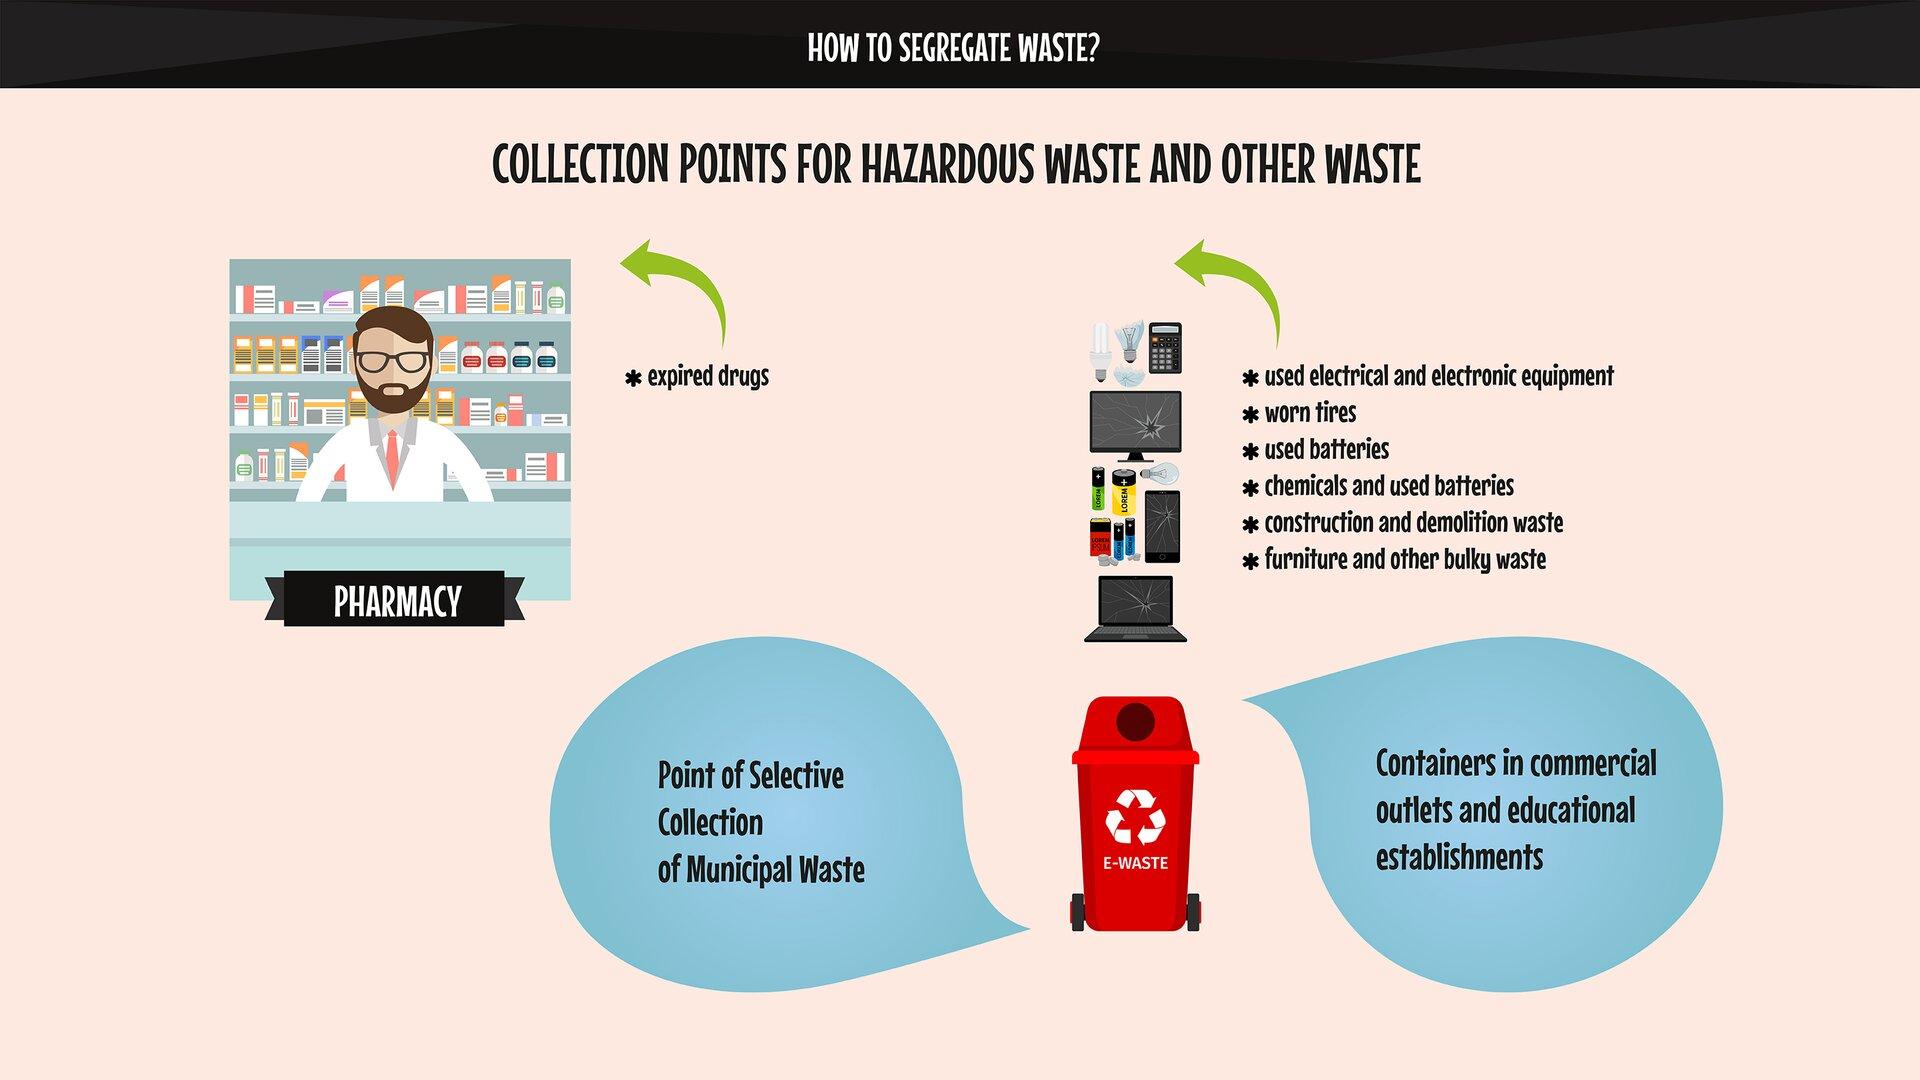 The image presents the rules for communal waste segregation. Grafika przedstawia zasady segregacji odpadów komunalnych.